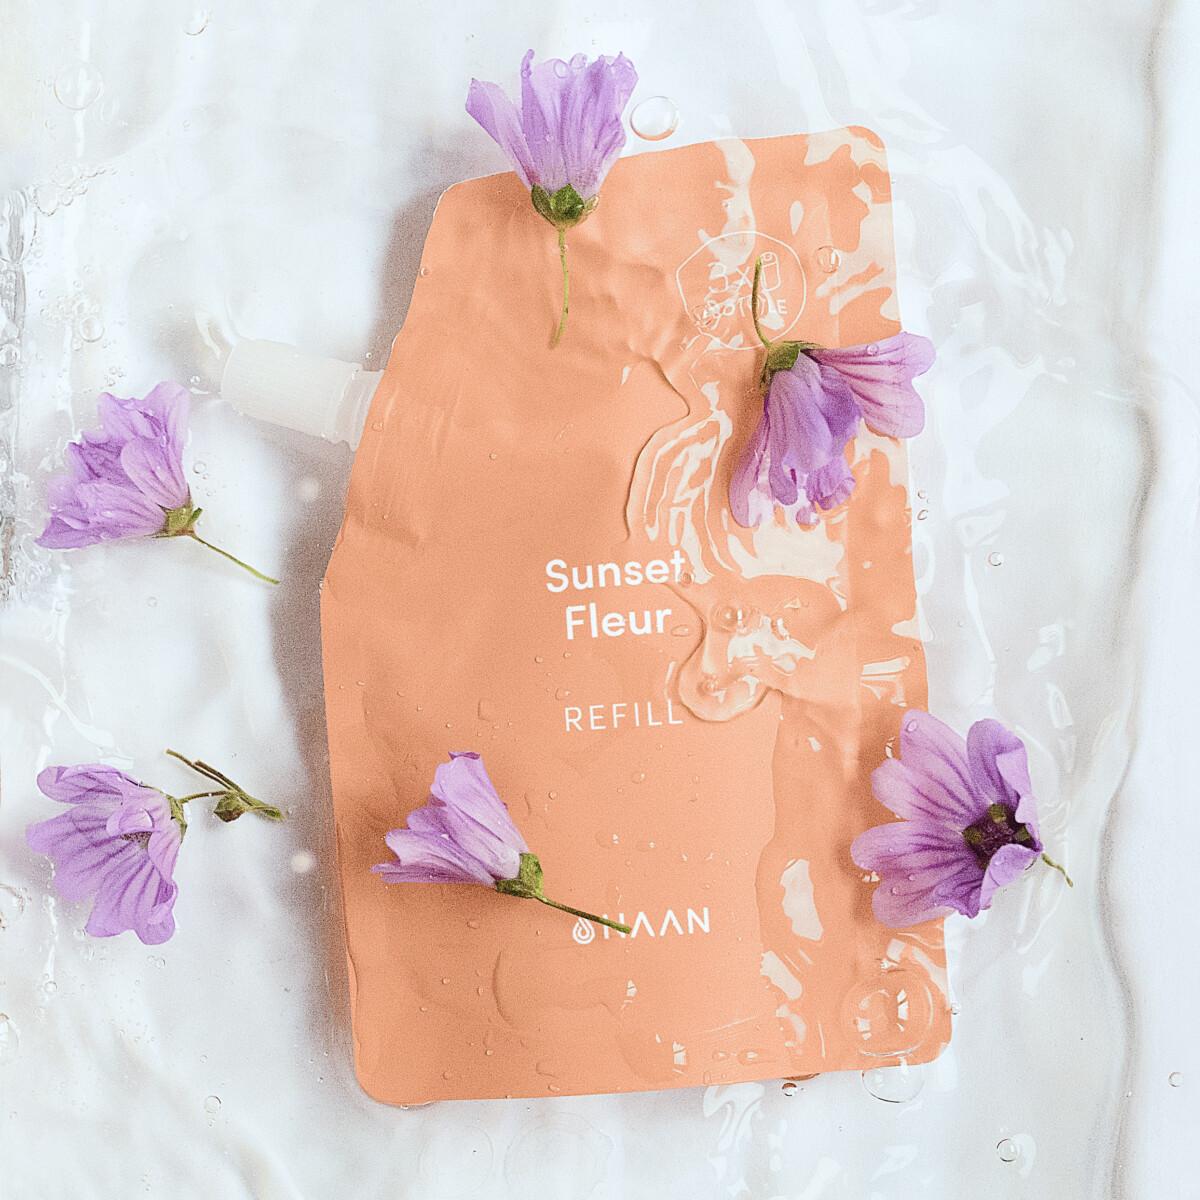 HAAN Hand Sanitizer Refill Sunset Fleur